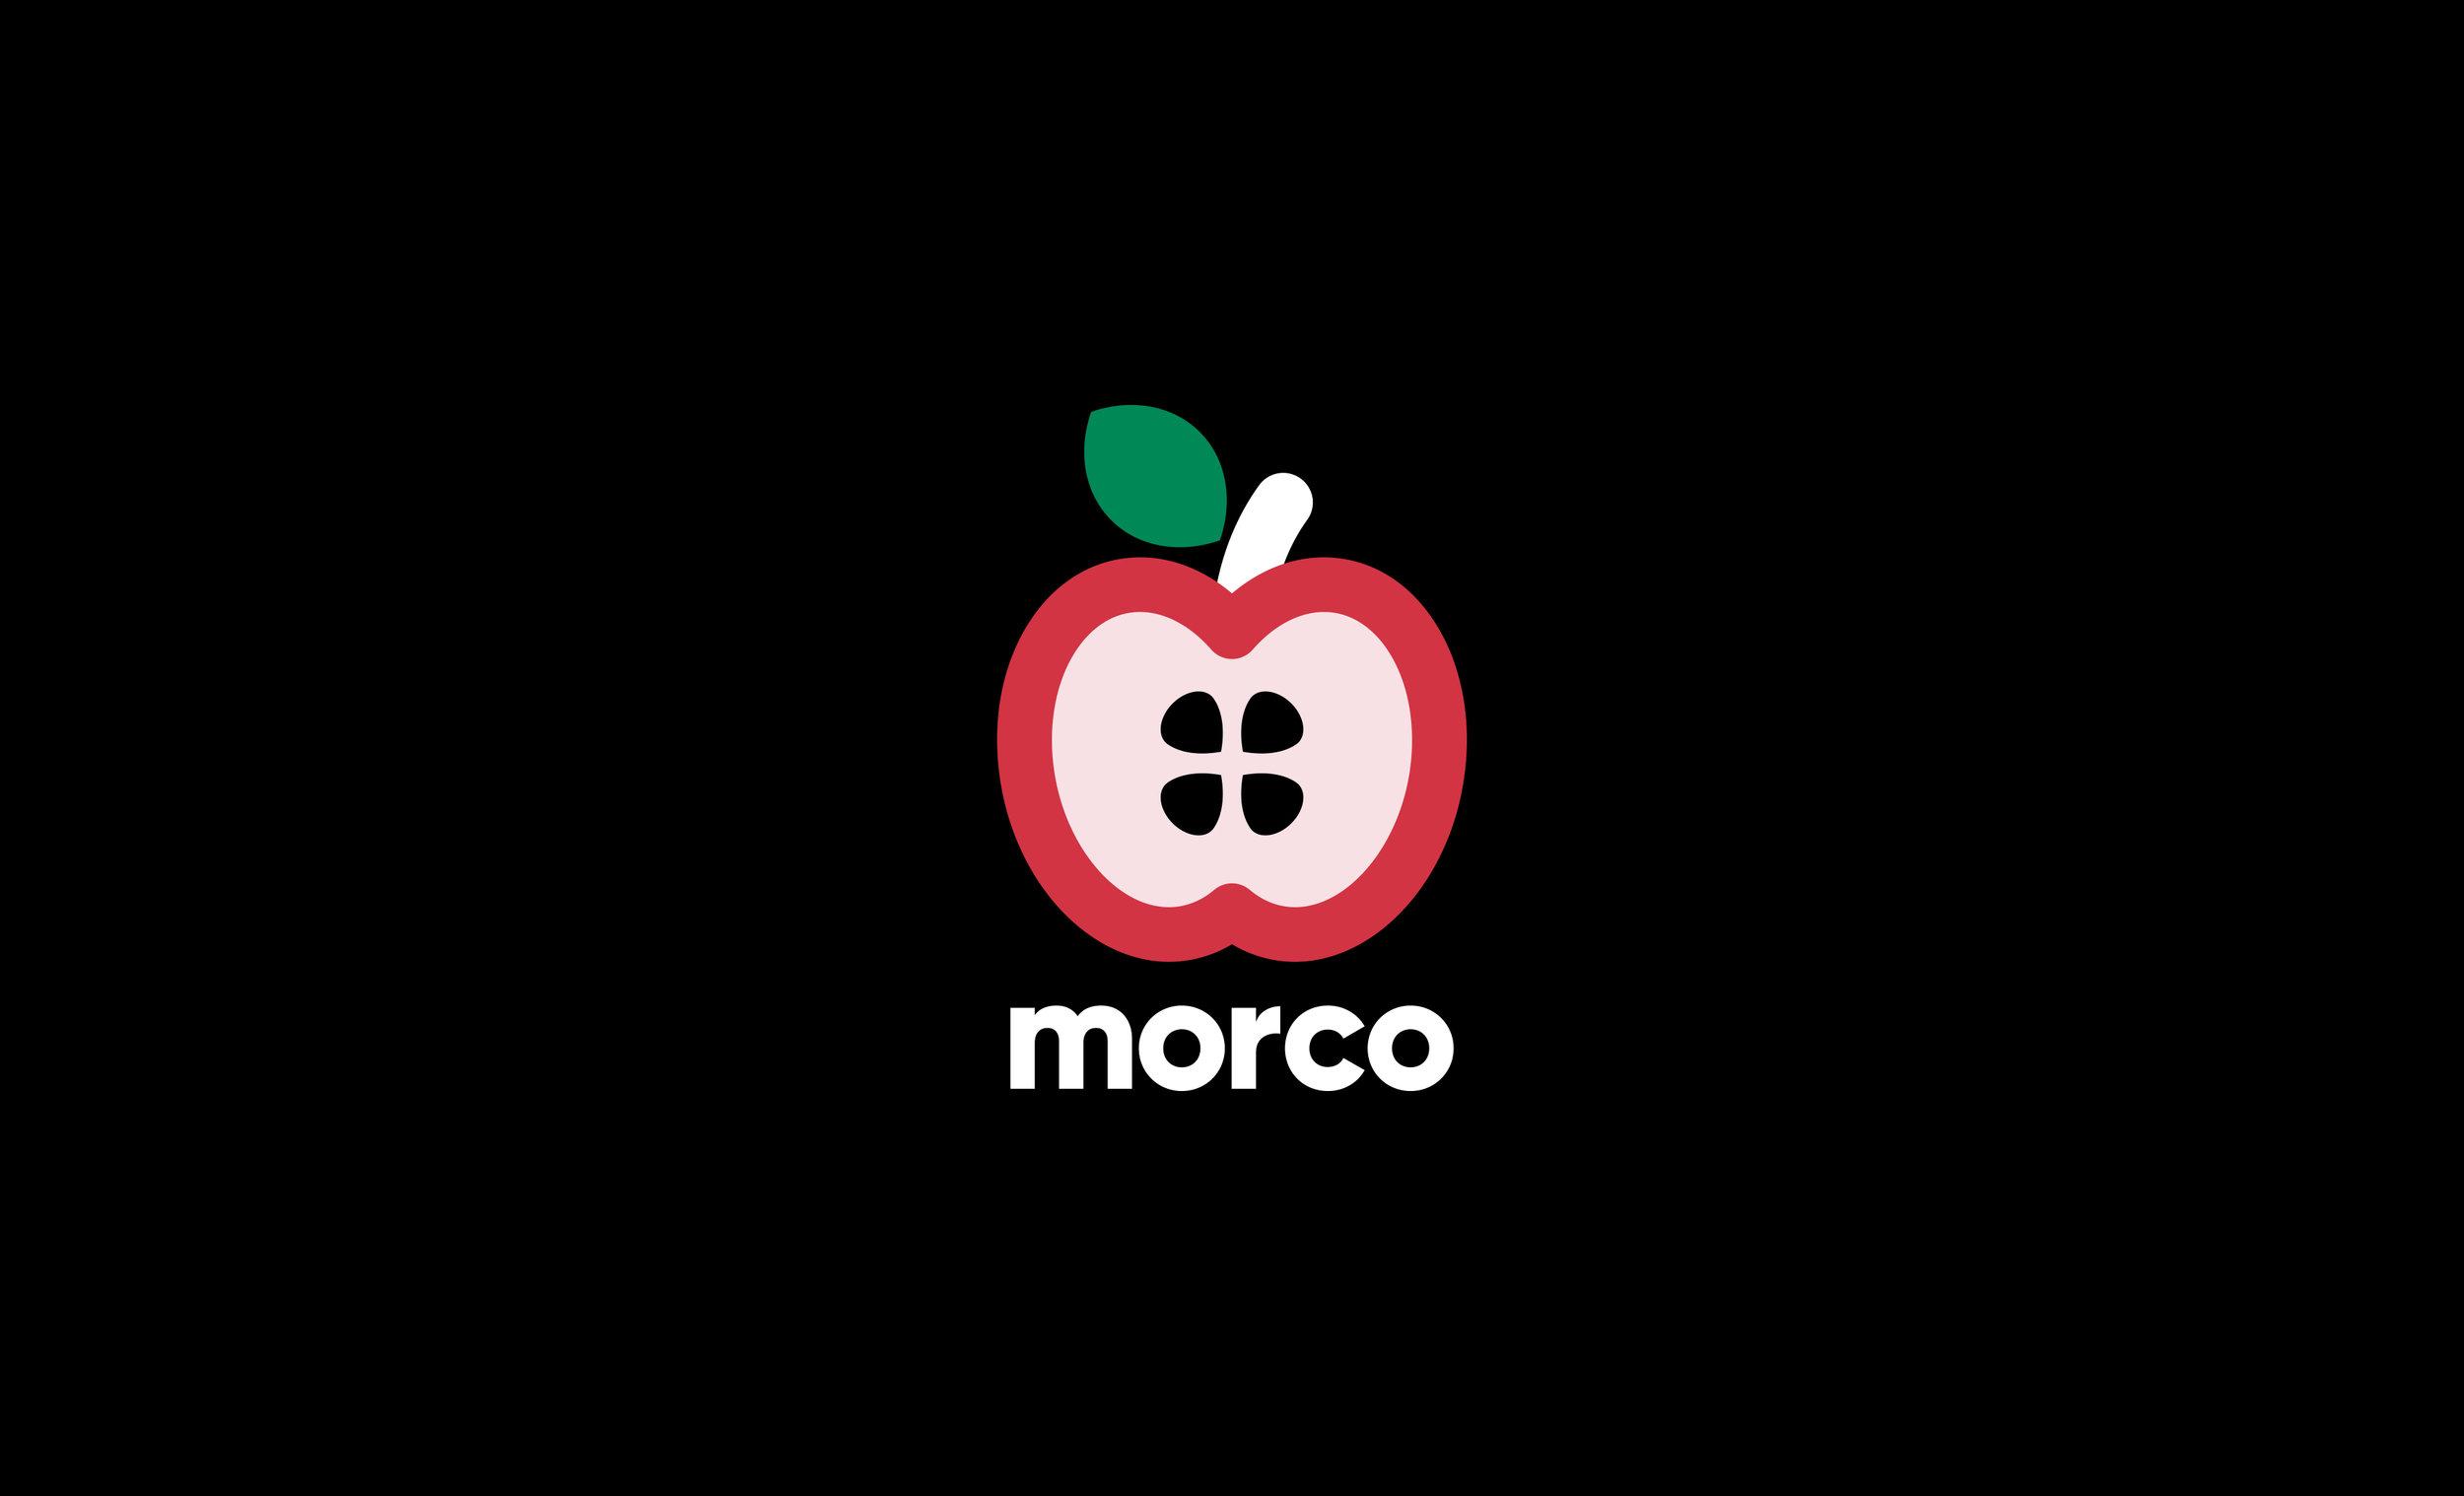 Morco_1.jpg